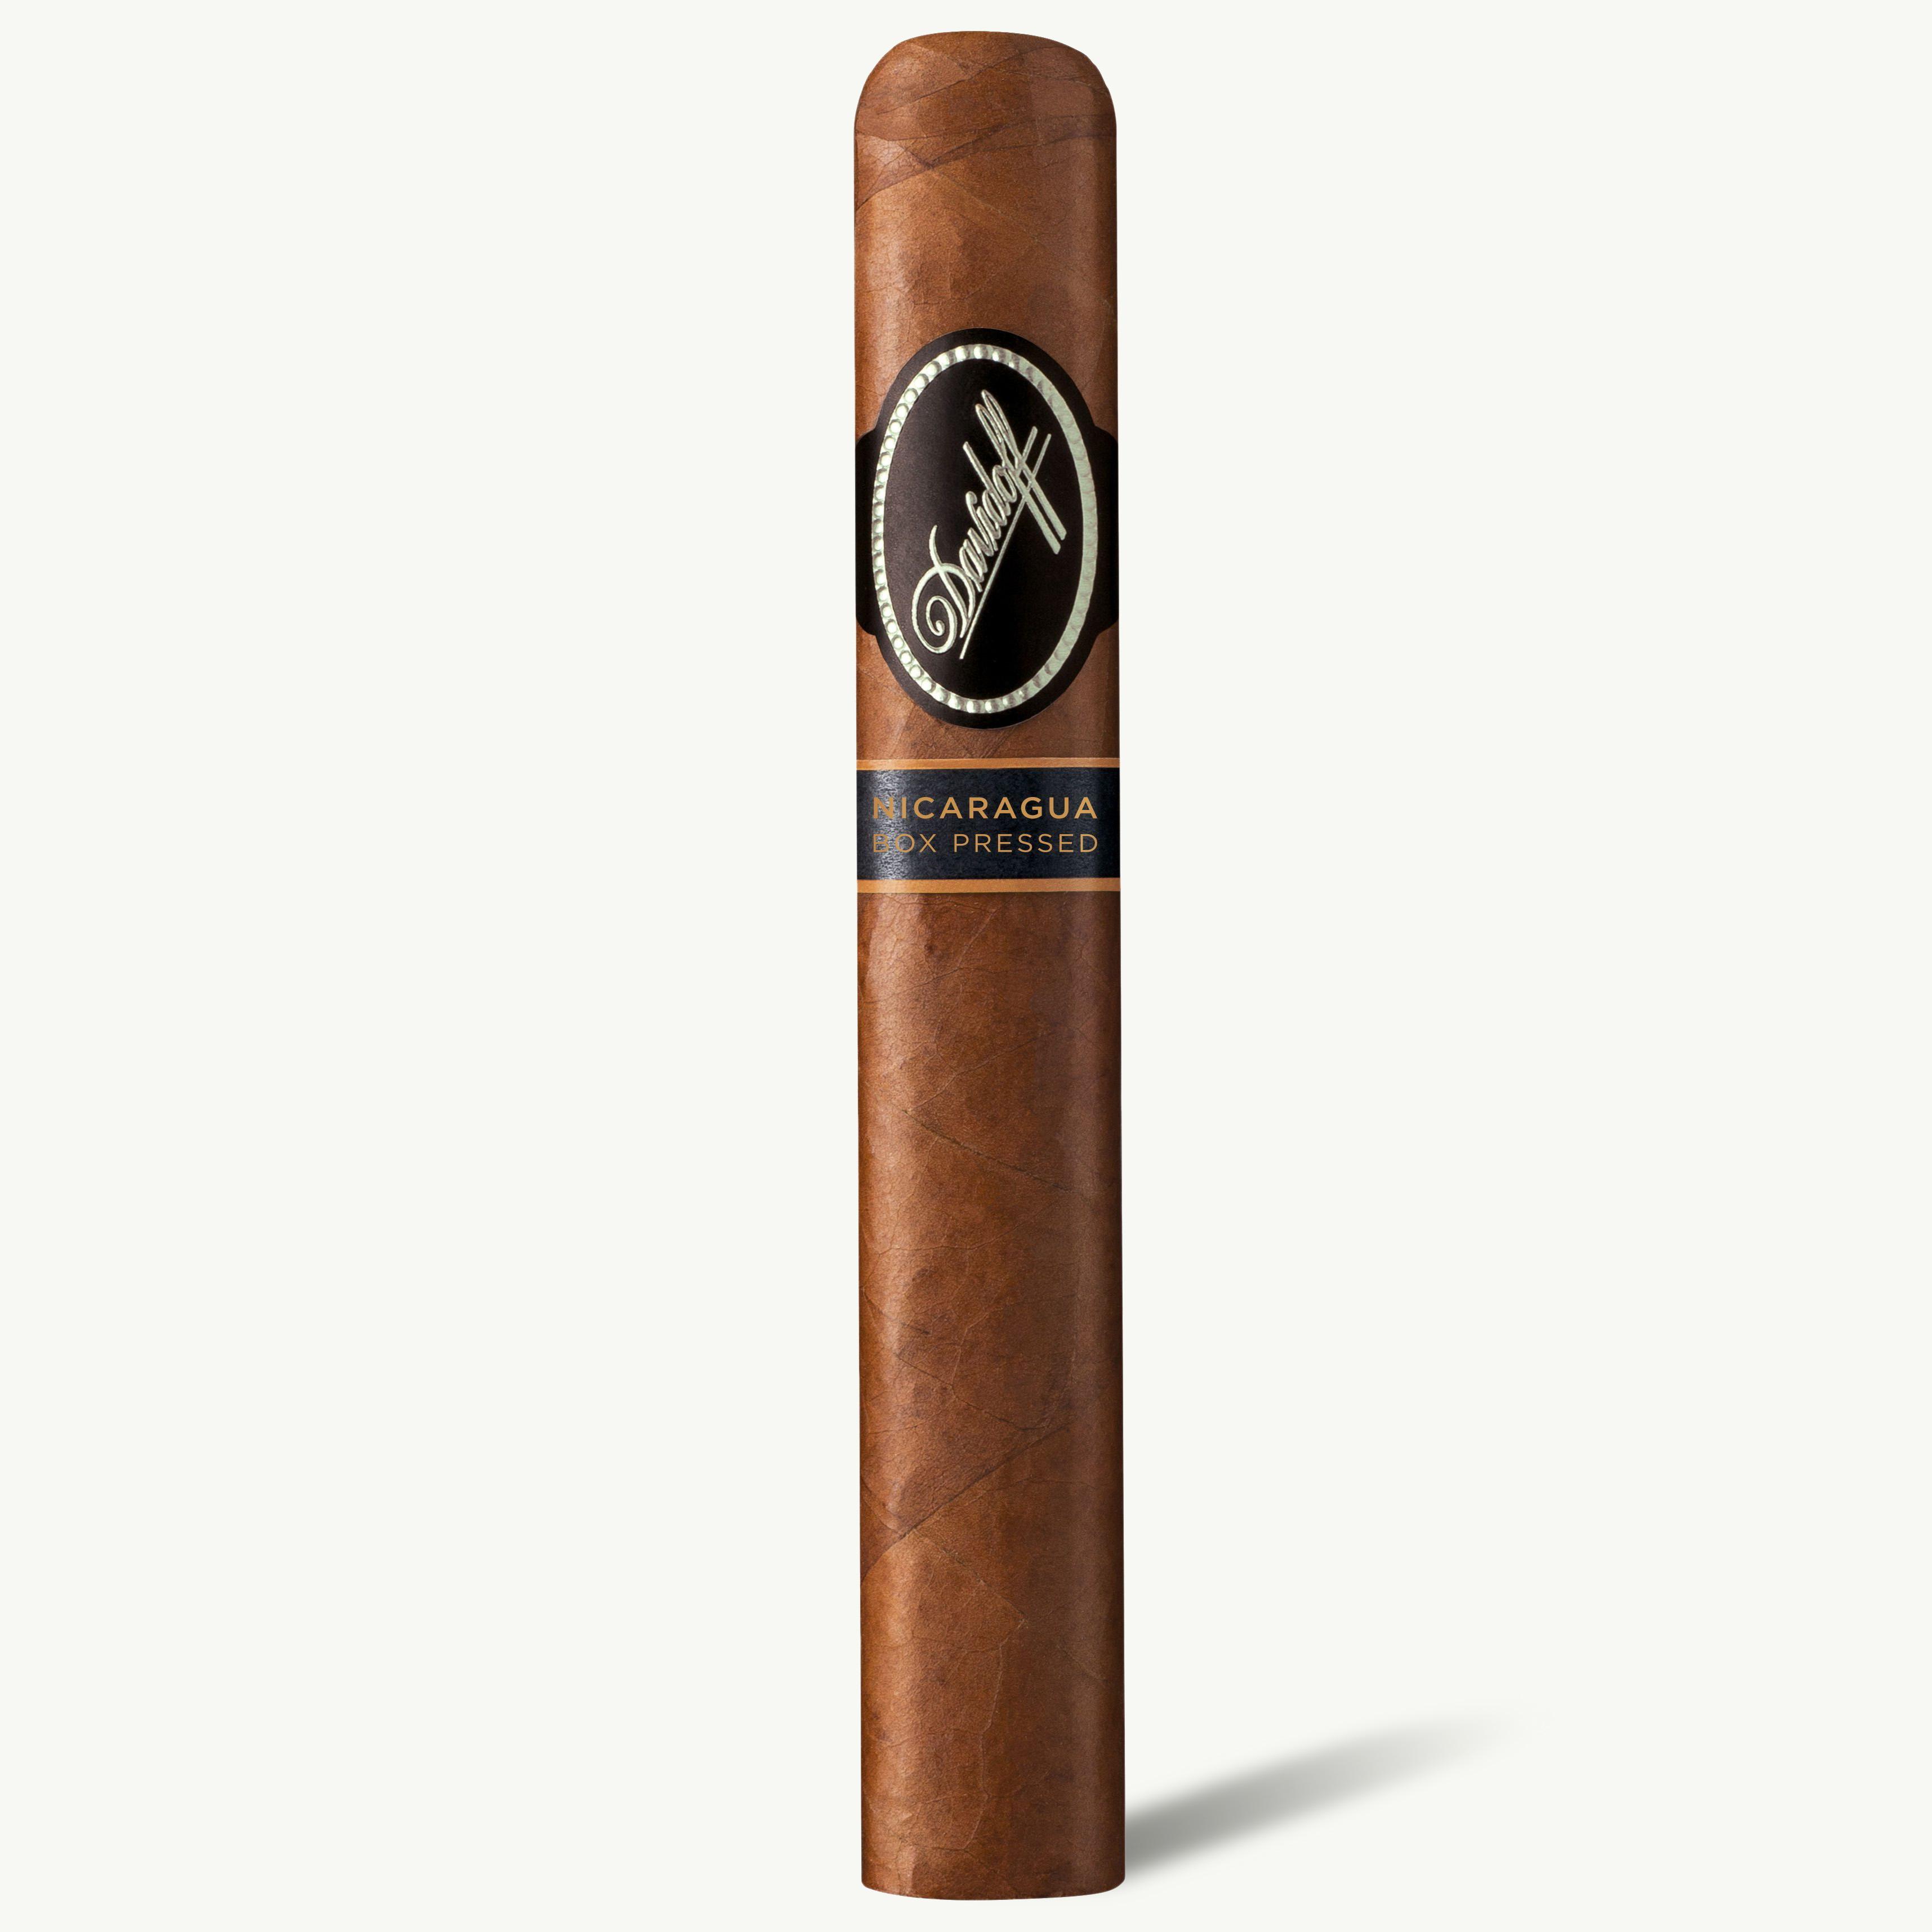 Табачные изделия в москве цены купить ричмонд сигареты в екатеринбурге